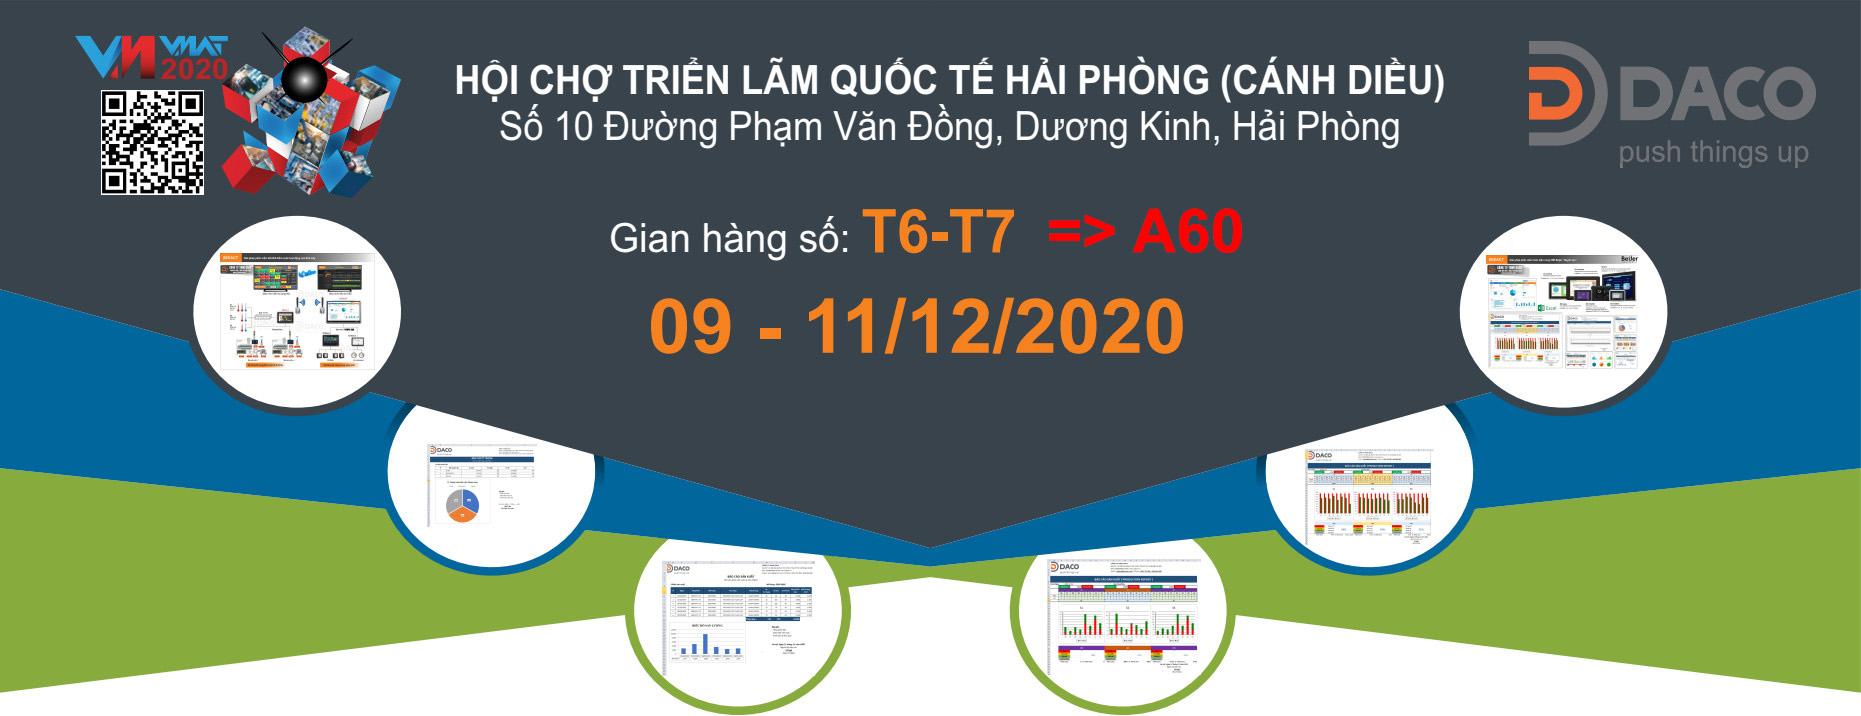 DACO-TRIỂN LÃM CÔNG NGHIỆP & SẢN XUẤT VIỆT NAM 2020-VIMF, HẢI PHÒNG, VIỆT NAM-Hình Ảnh